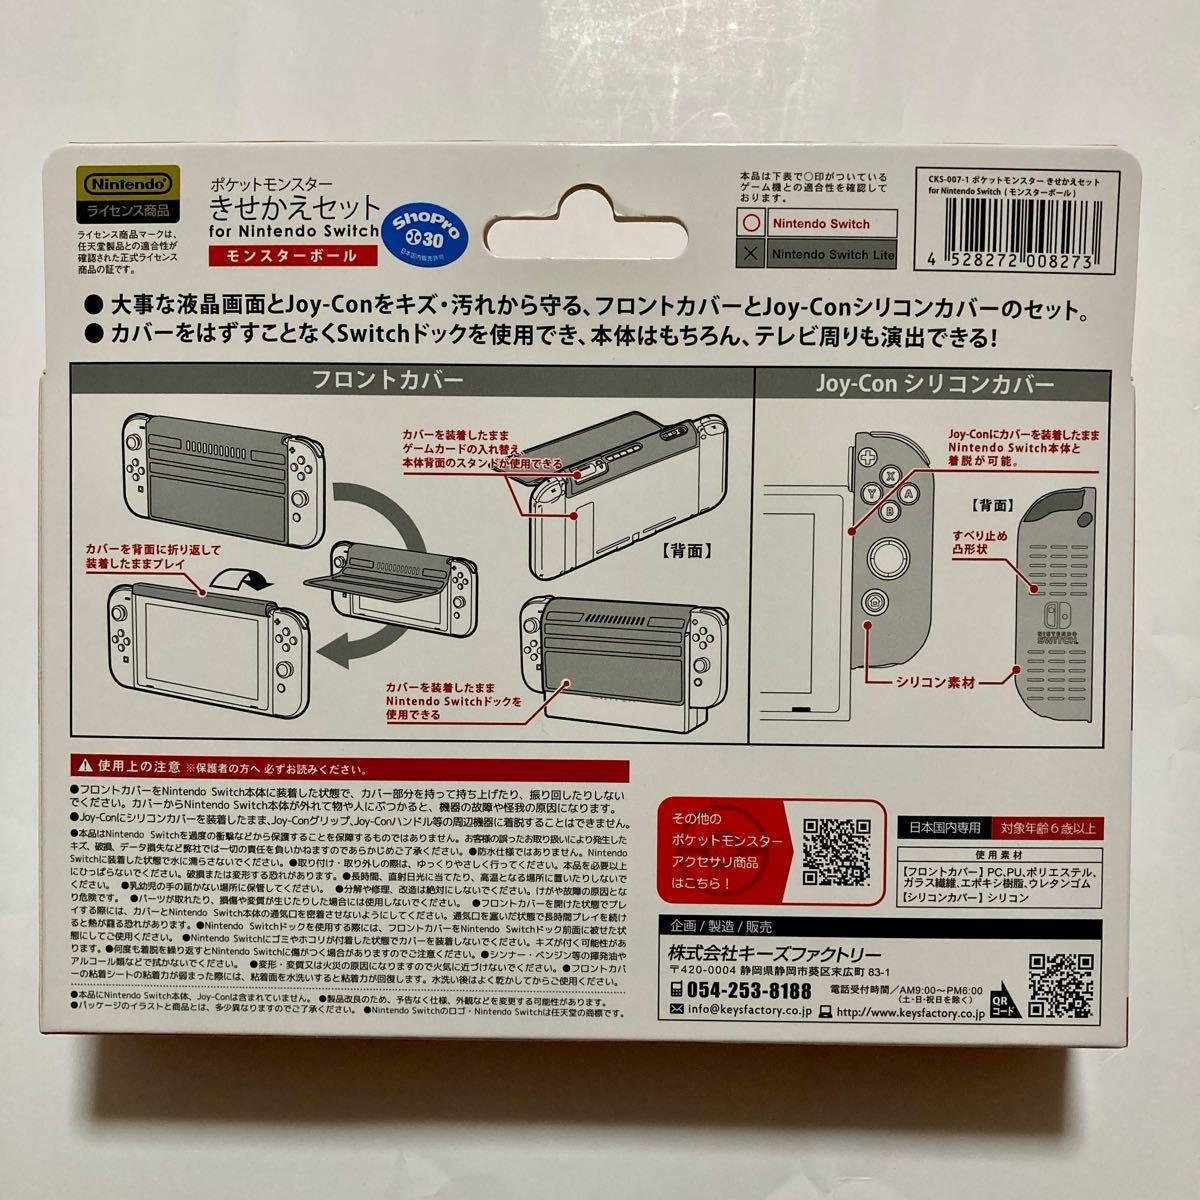 新品未開封 ポケットモンスター きせかえセット 任天堂スイッチ Switch フロントカバー Joy-Con